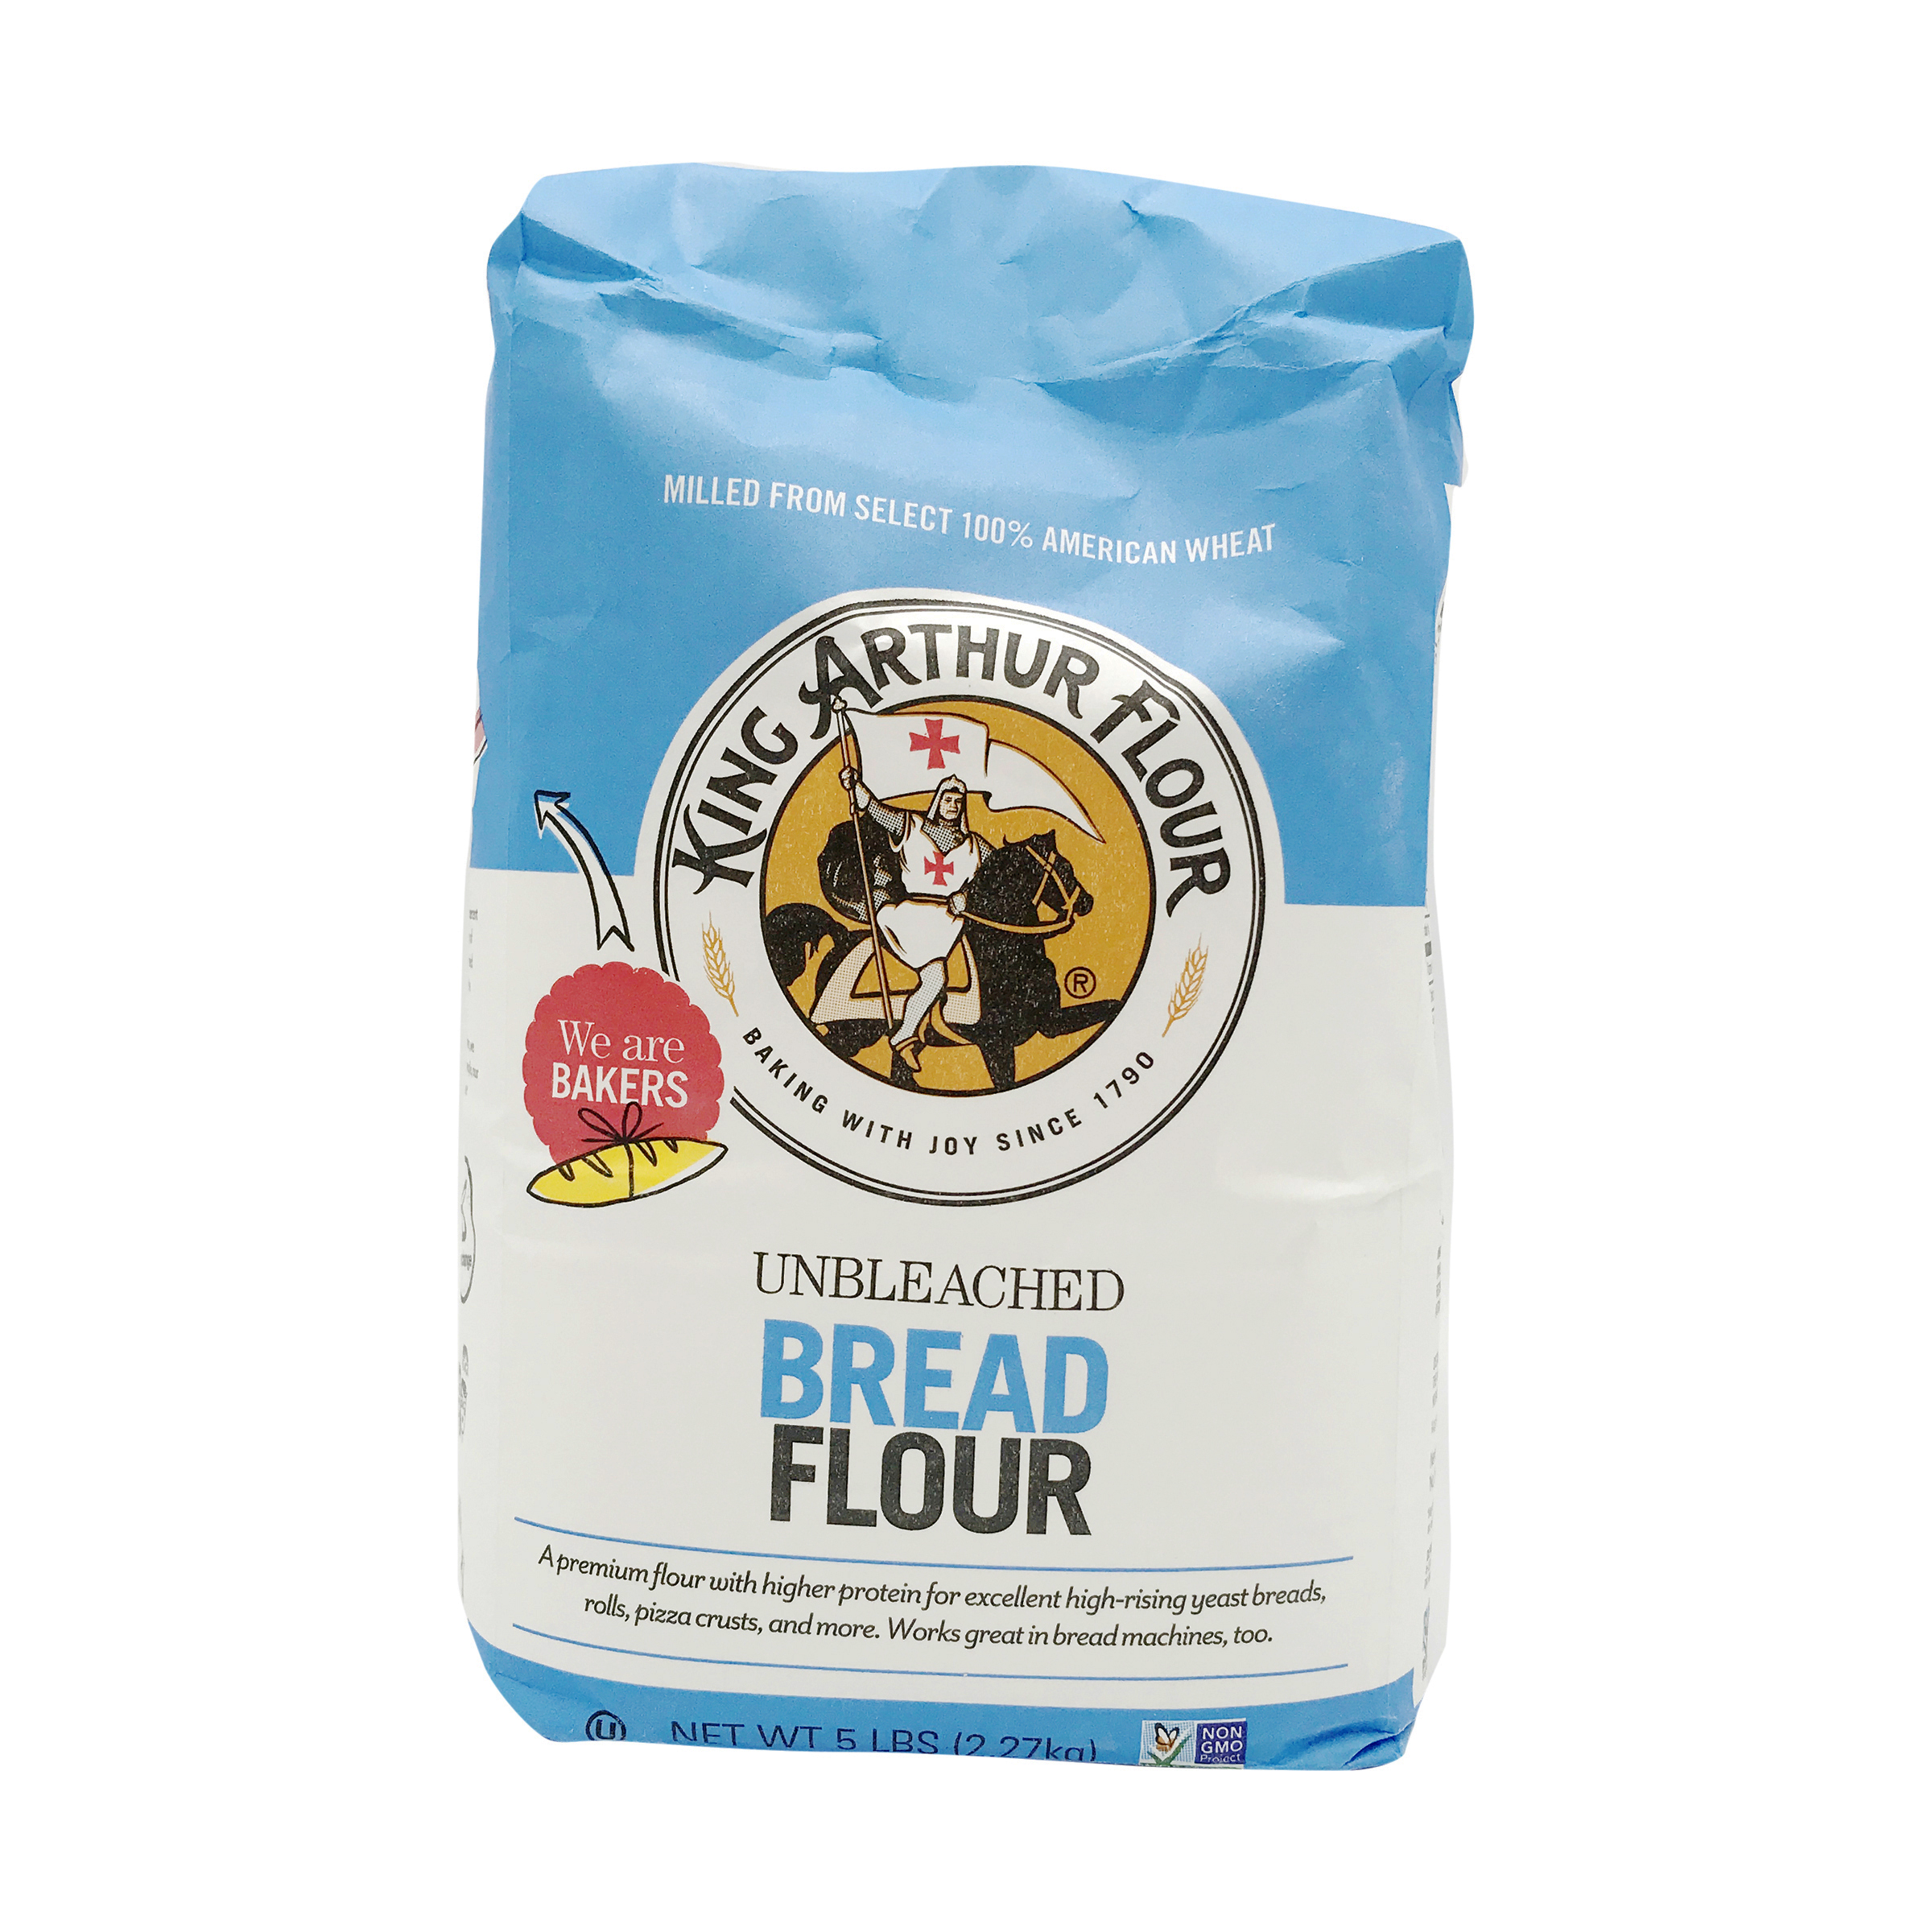 Unbleached Bread Flour, 5 lb, King Arthur Flour   Whole